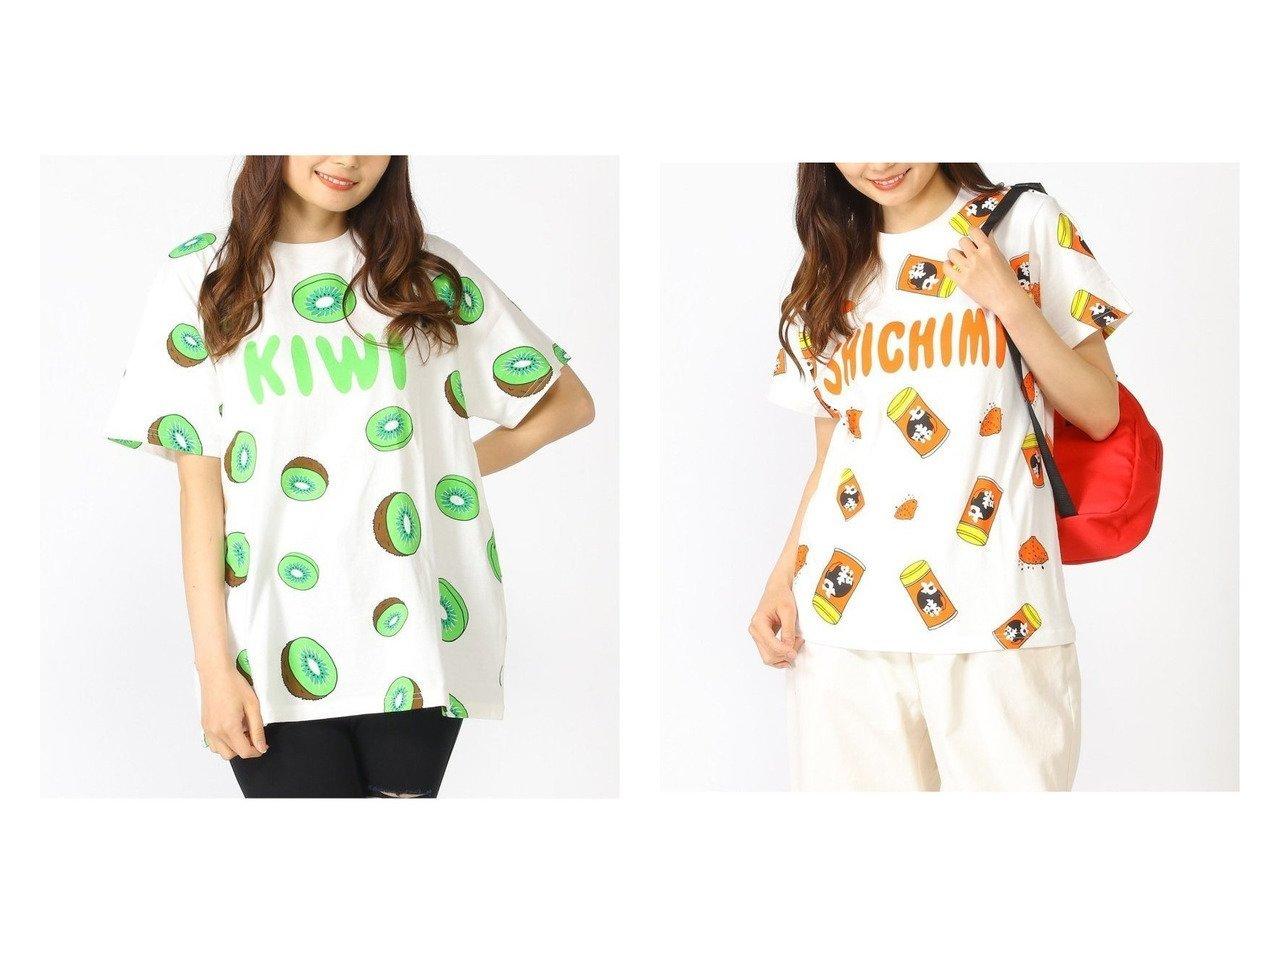 【PUNYUS/プニュズ】のフード総柄Tシャツ&フード総柄Tシャツ おすすめ!人気、トレンド・レディースファッションの通販 おすすめで人気の流行・トレンド、ファッションの通販商品 インテリア・家具・メンズファッション・キッズファッション・レディースファッション・服の通販 founy(ファニー) https://founy.com/ ファッション Fashion レディースファッション WOMEN トップス・カットソー Tops/Tshirt シャツ/ブラウス Shirts/Blouses ロング / Tシャツ T-Shirts カットソー Cut and Sewn カットソー プリント |ID:crp329100000064061